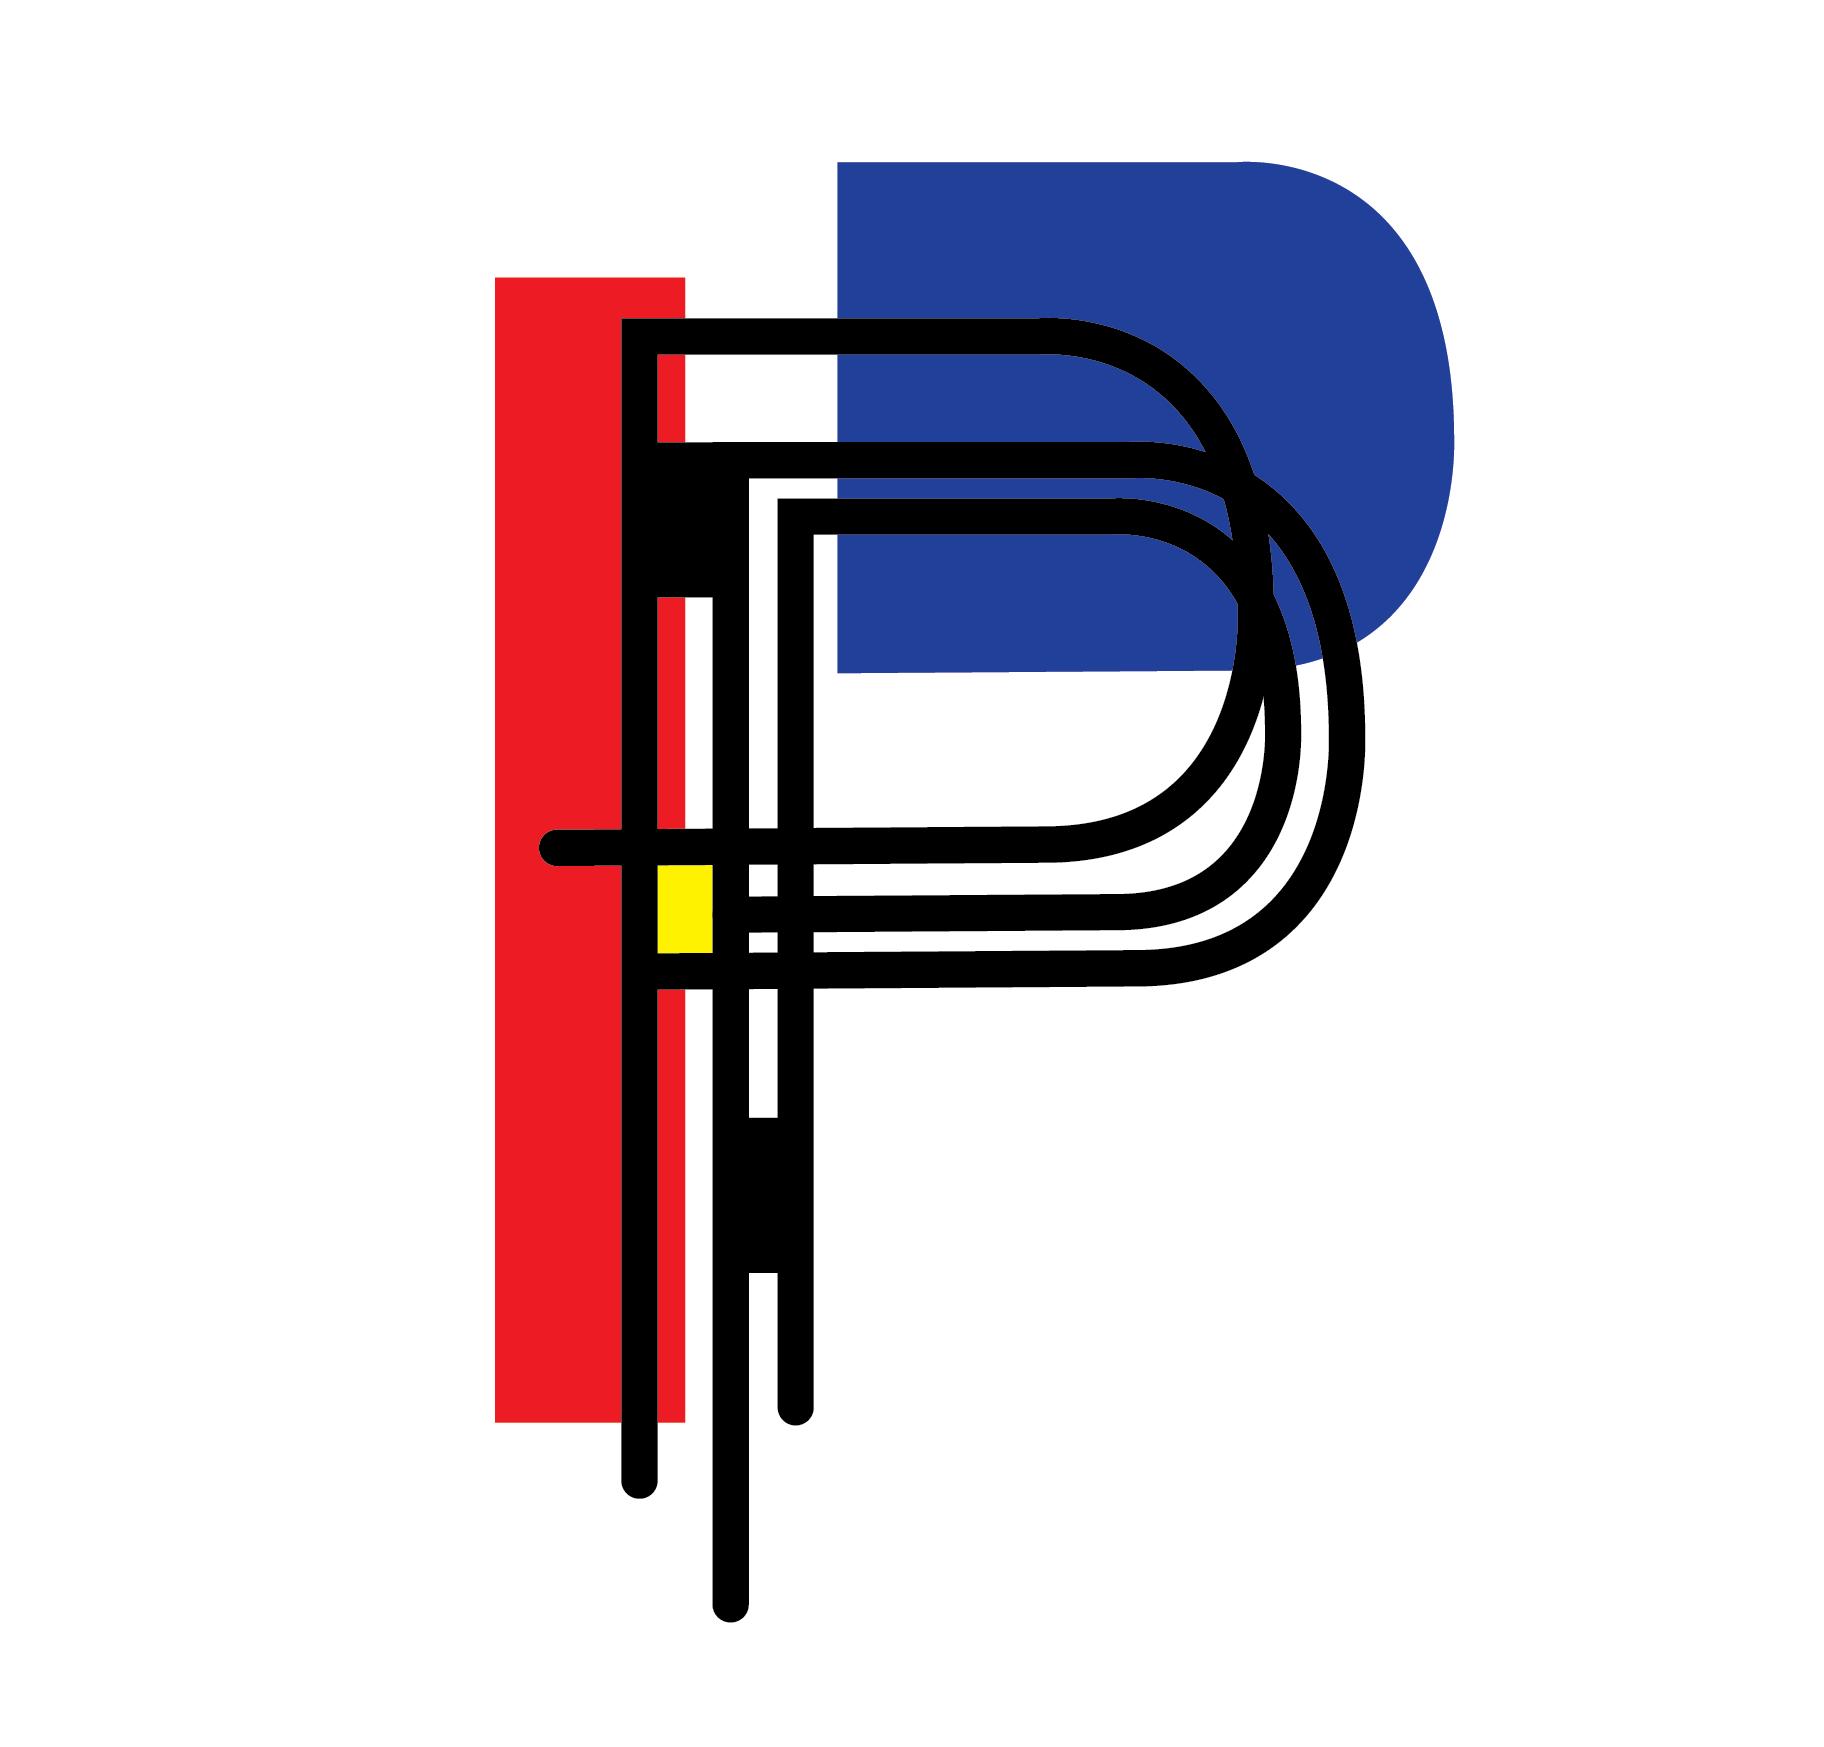 4DROPTOP.png